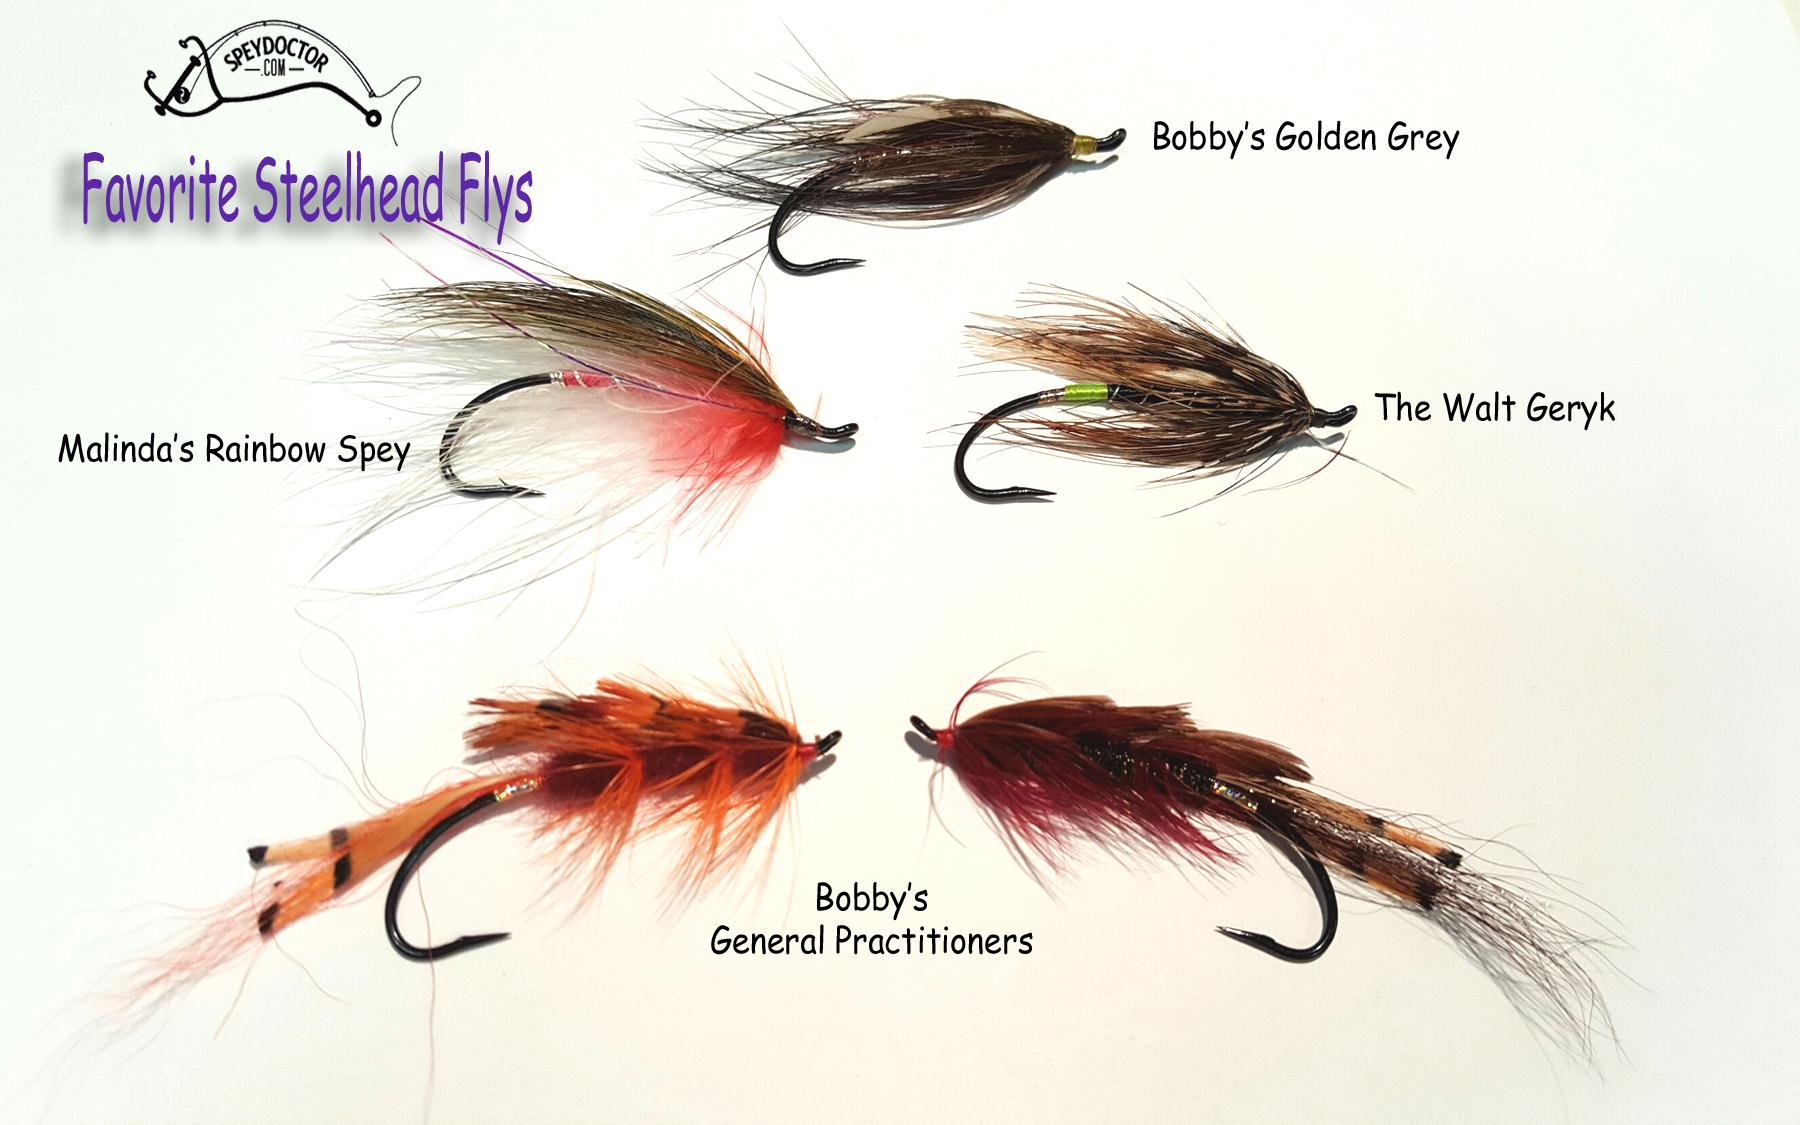 Favorite Steelhead Flys